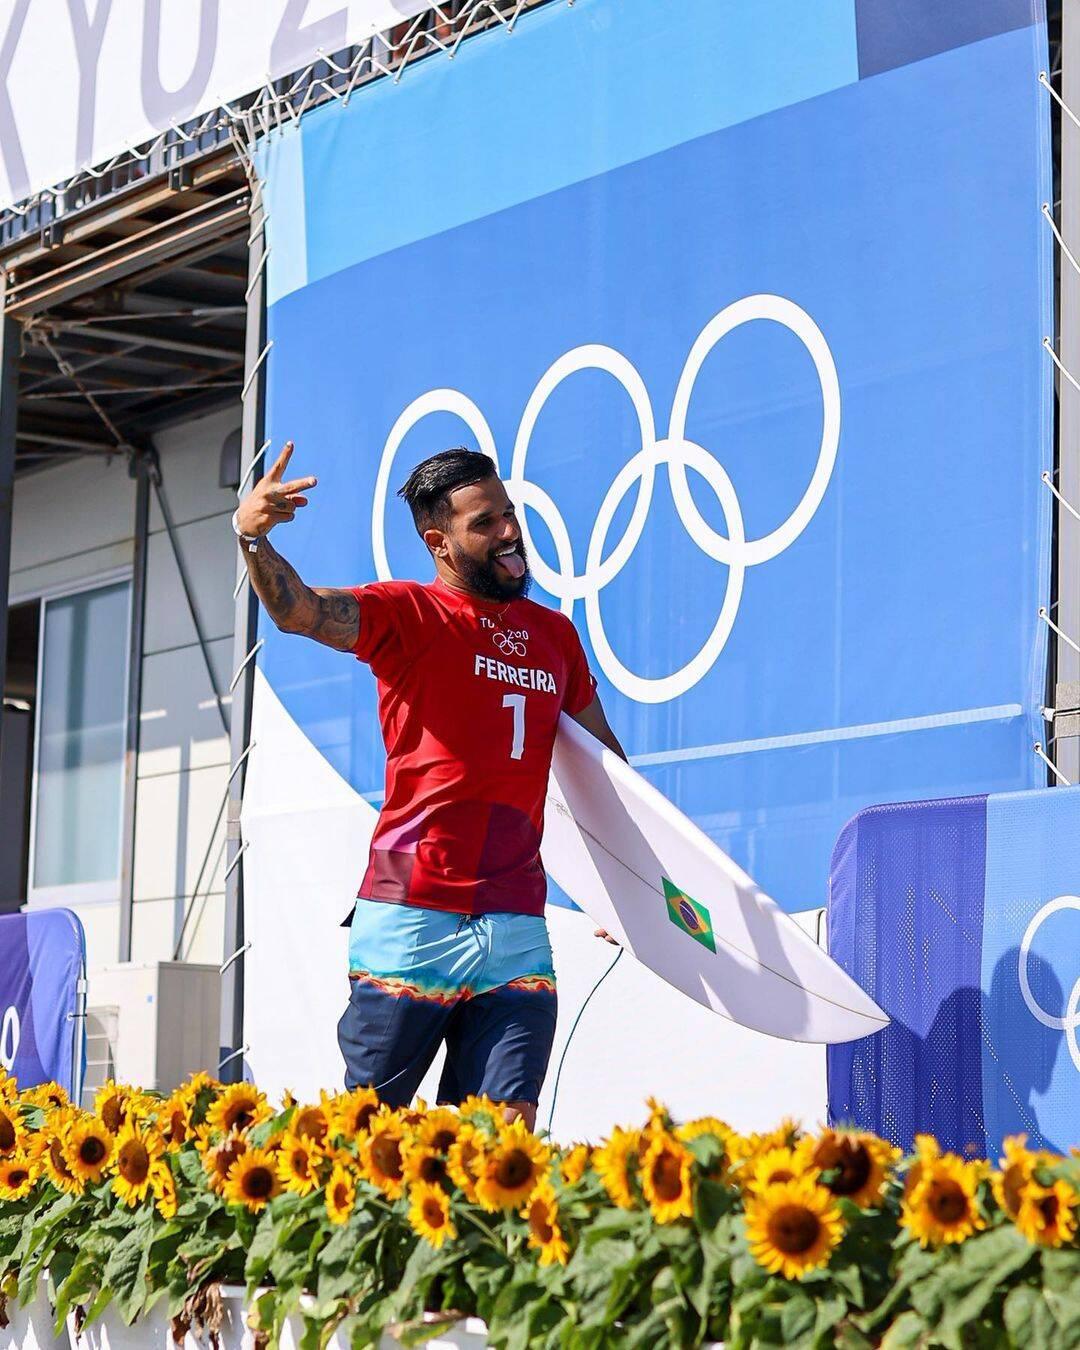 Ítalo se consagrou como o campeã do surfe mundial nas Olímpiadas. (Foto: Instagram)